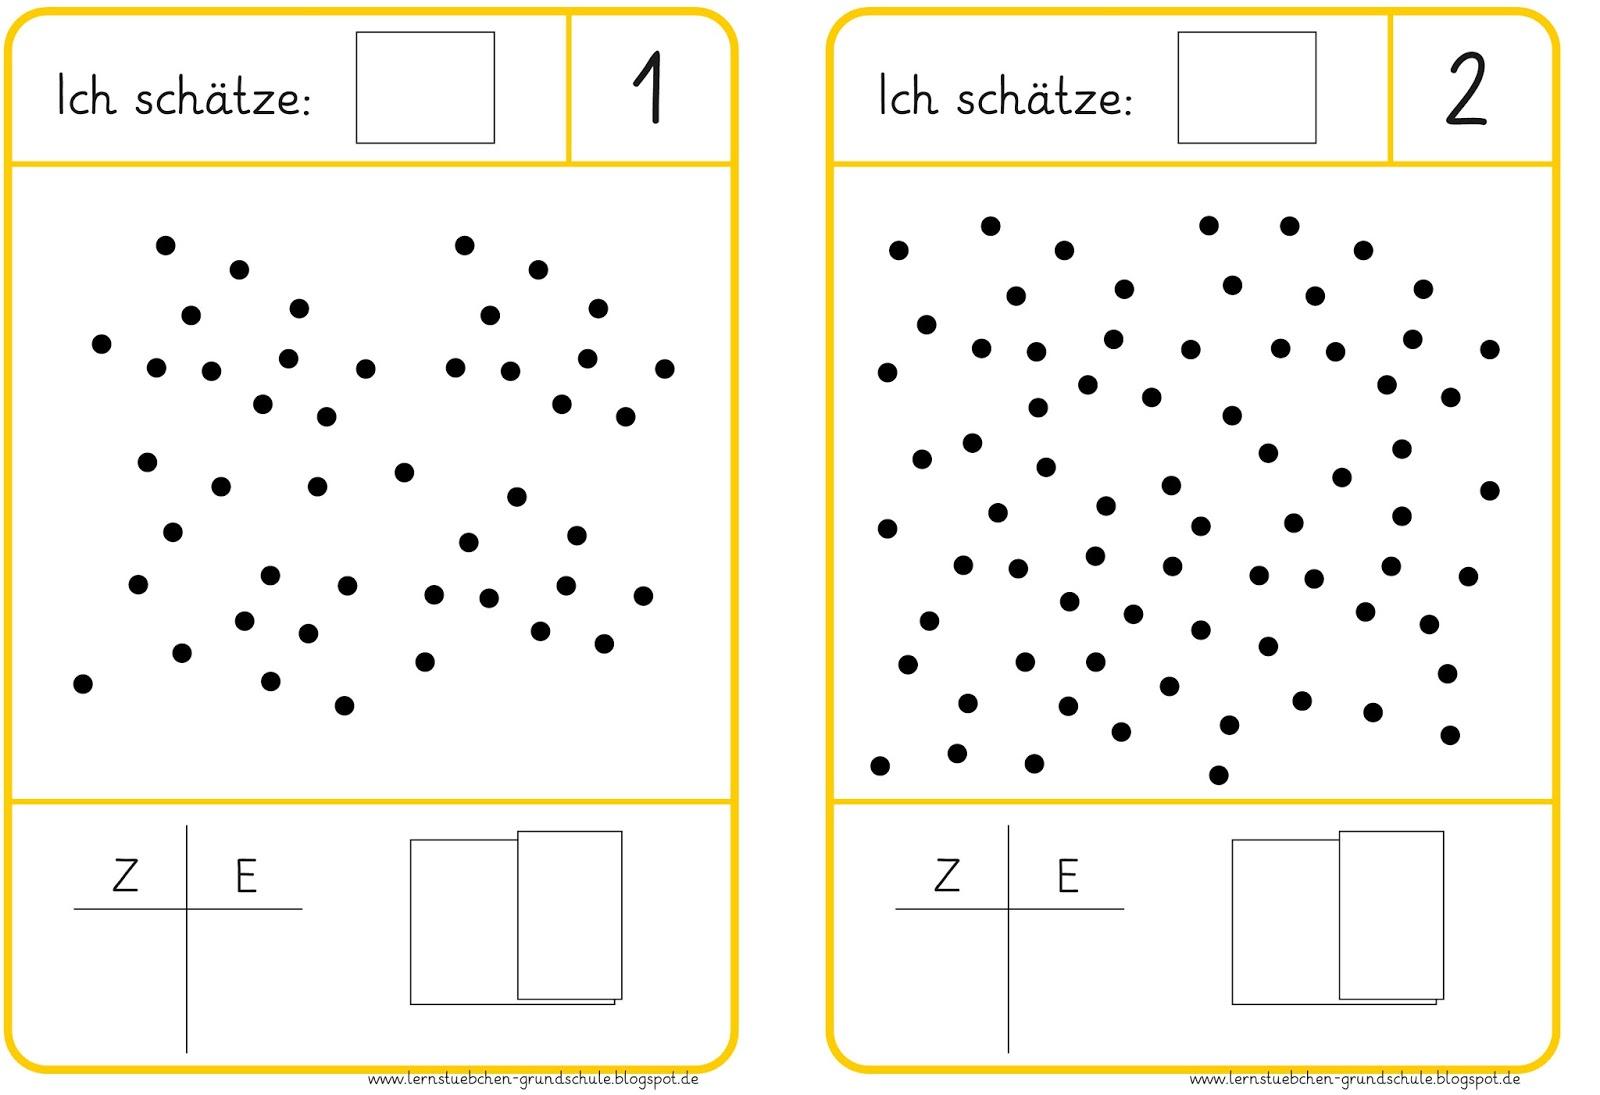 Mathe Arbeitsblatt Hunderter Zehner Einer: Lernstübchen domino zur ...